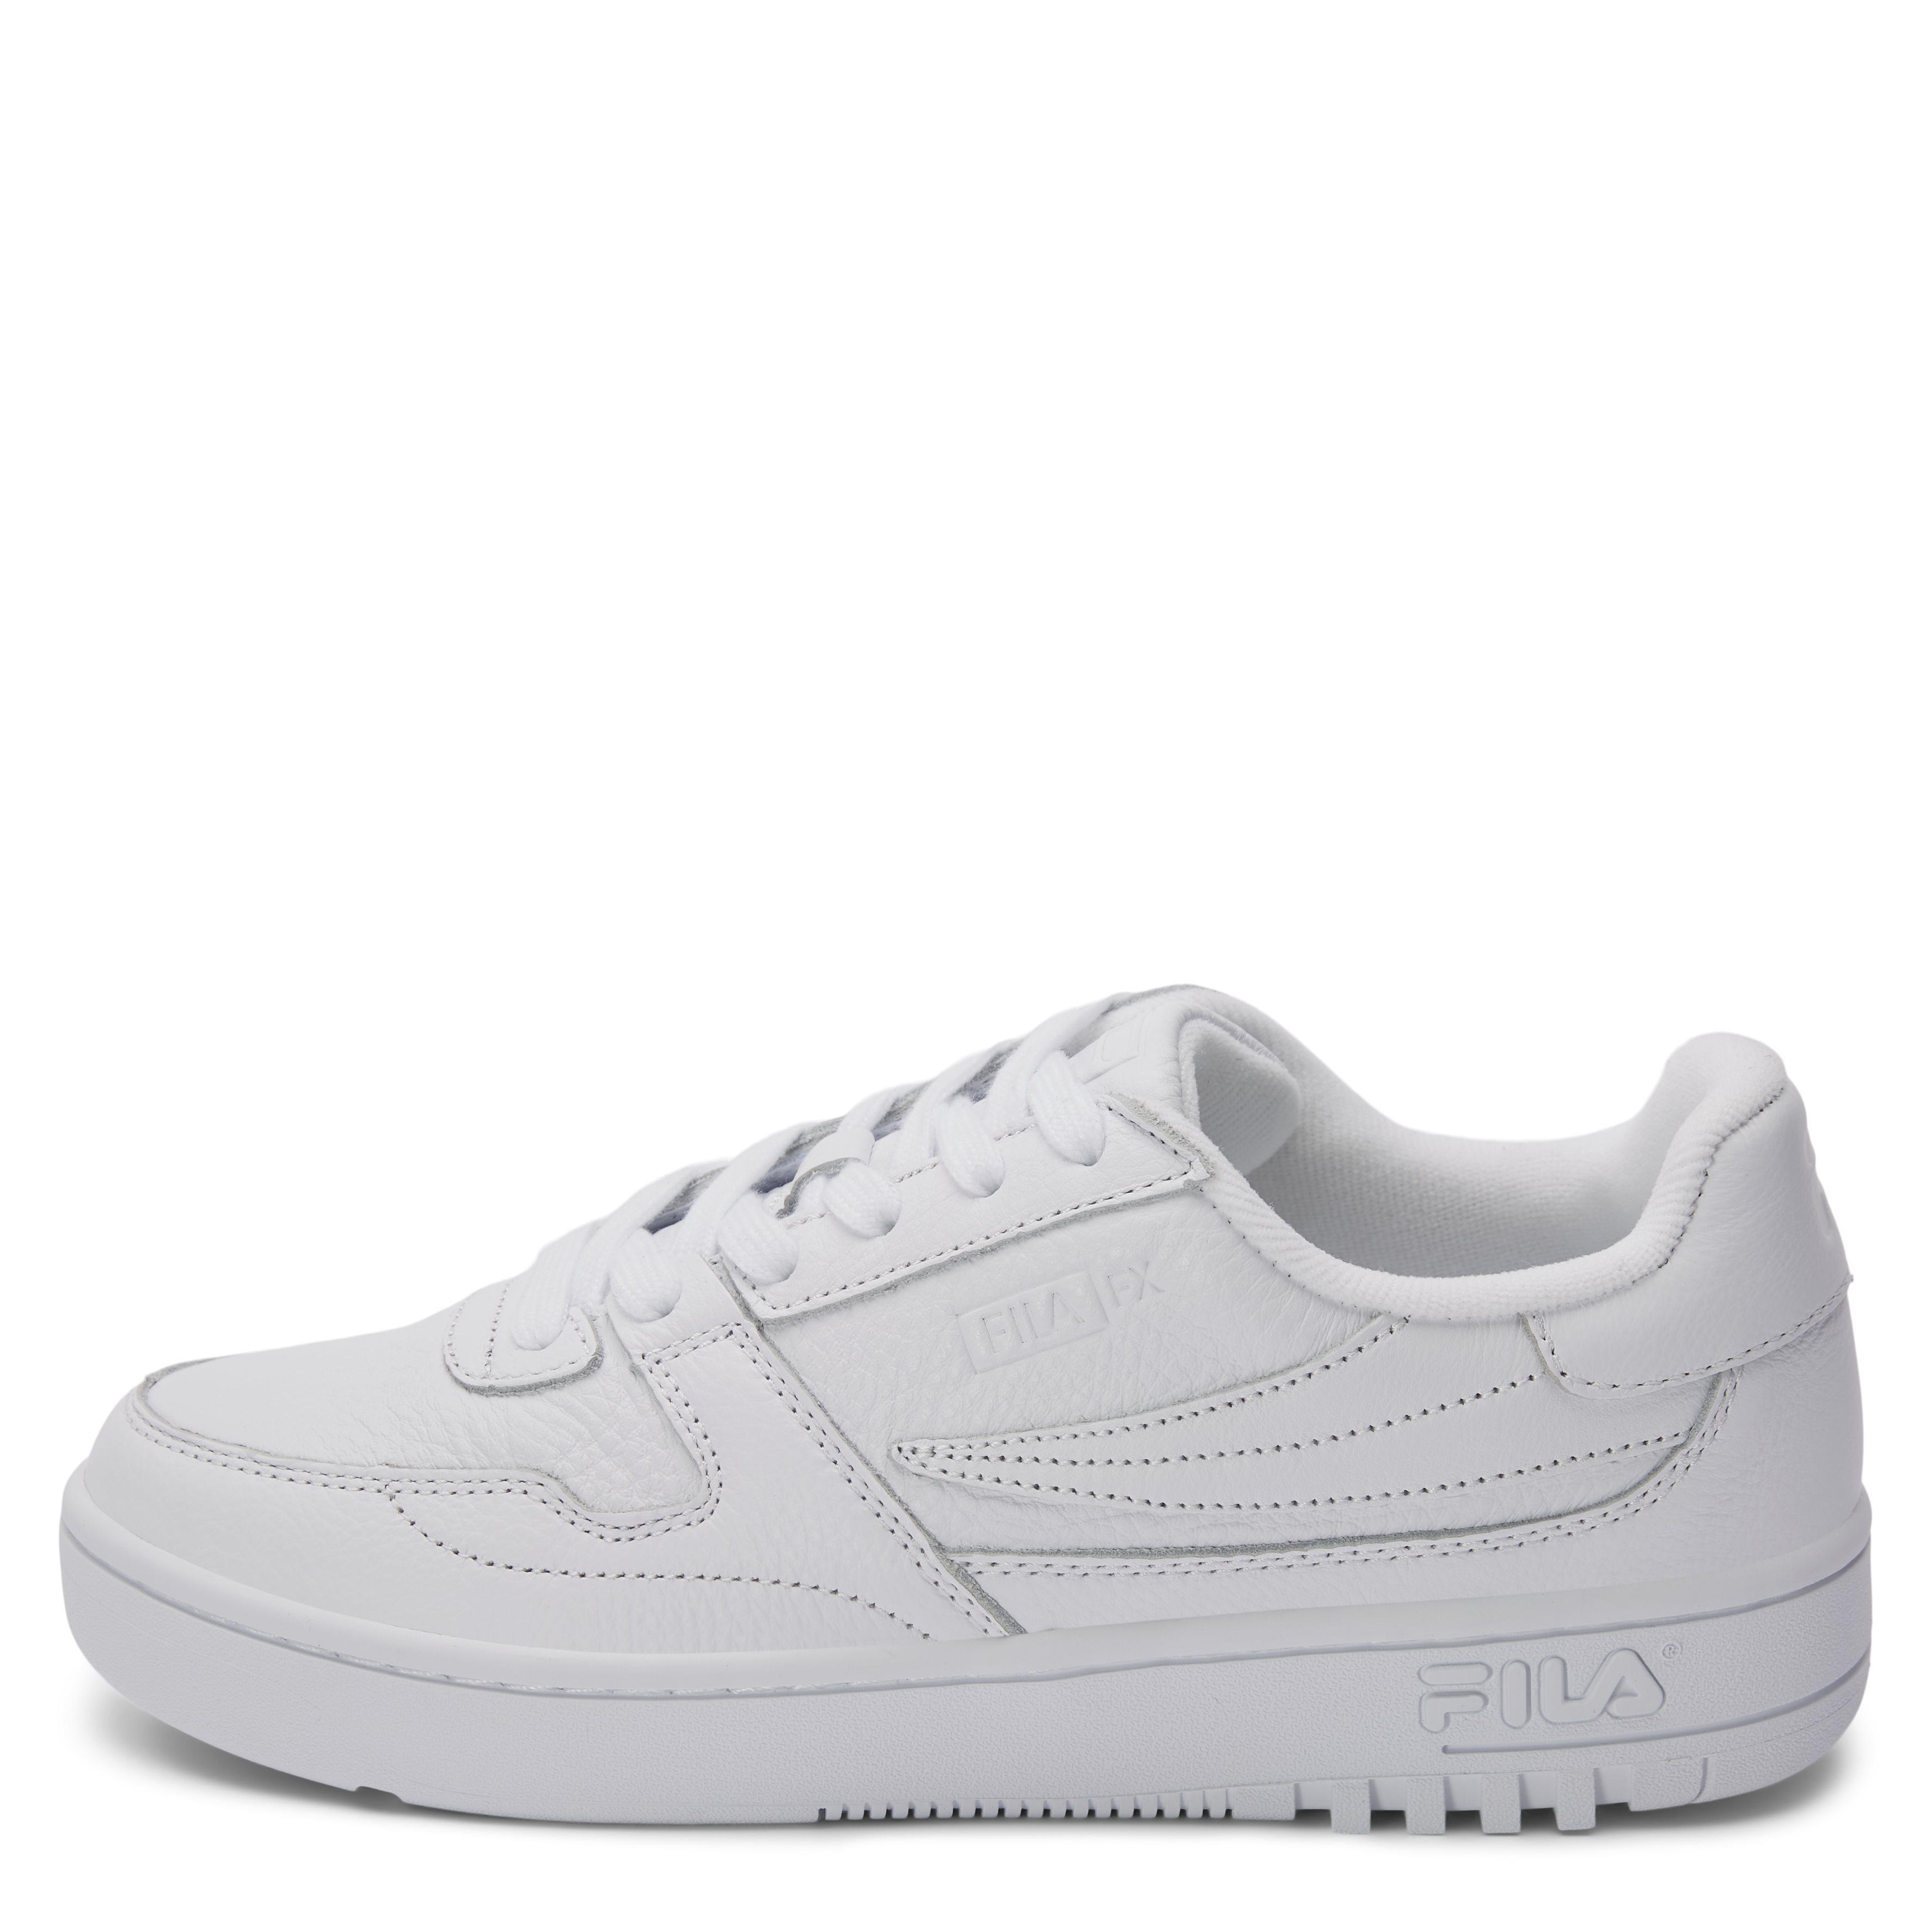 Fxventuno Lux Low Sneaker - Sko - Hvid